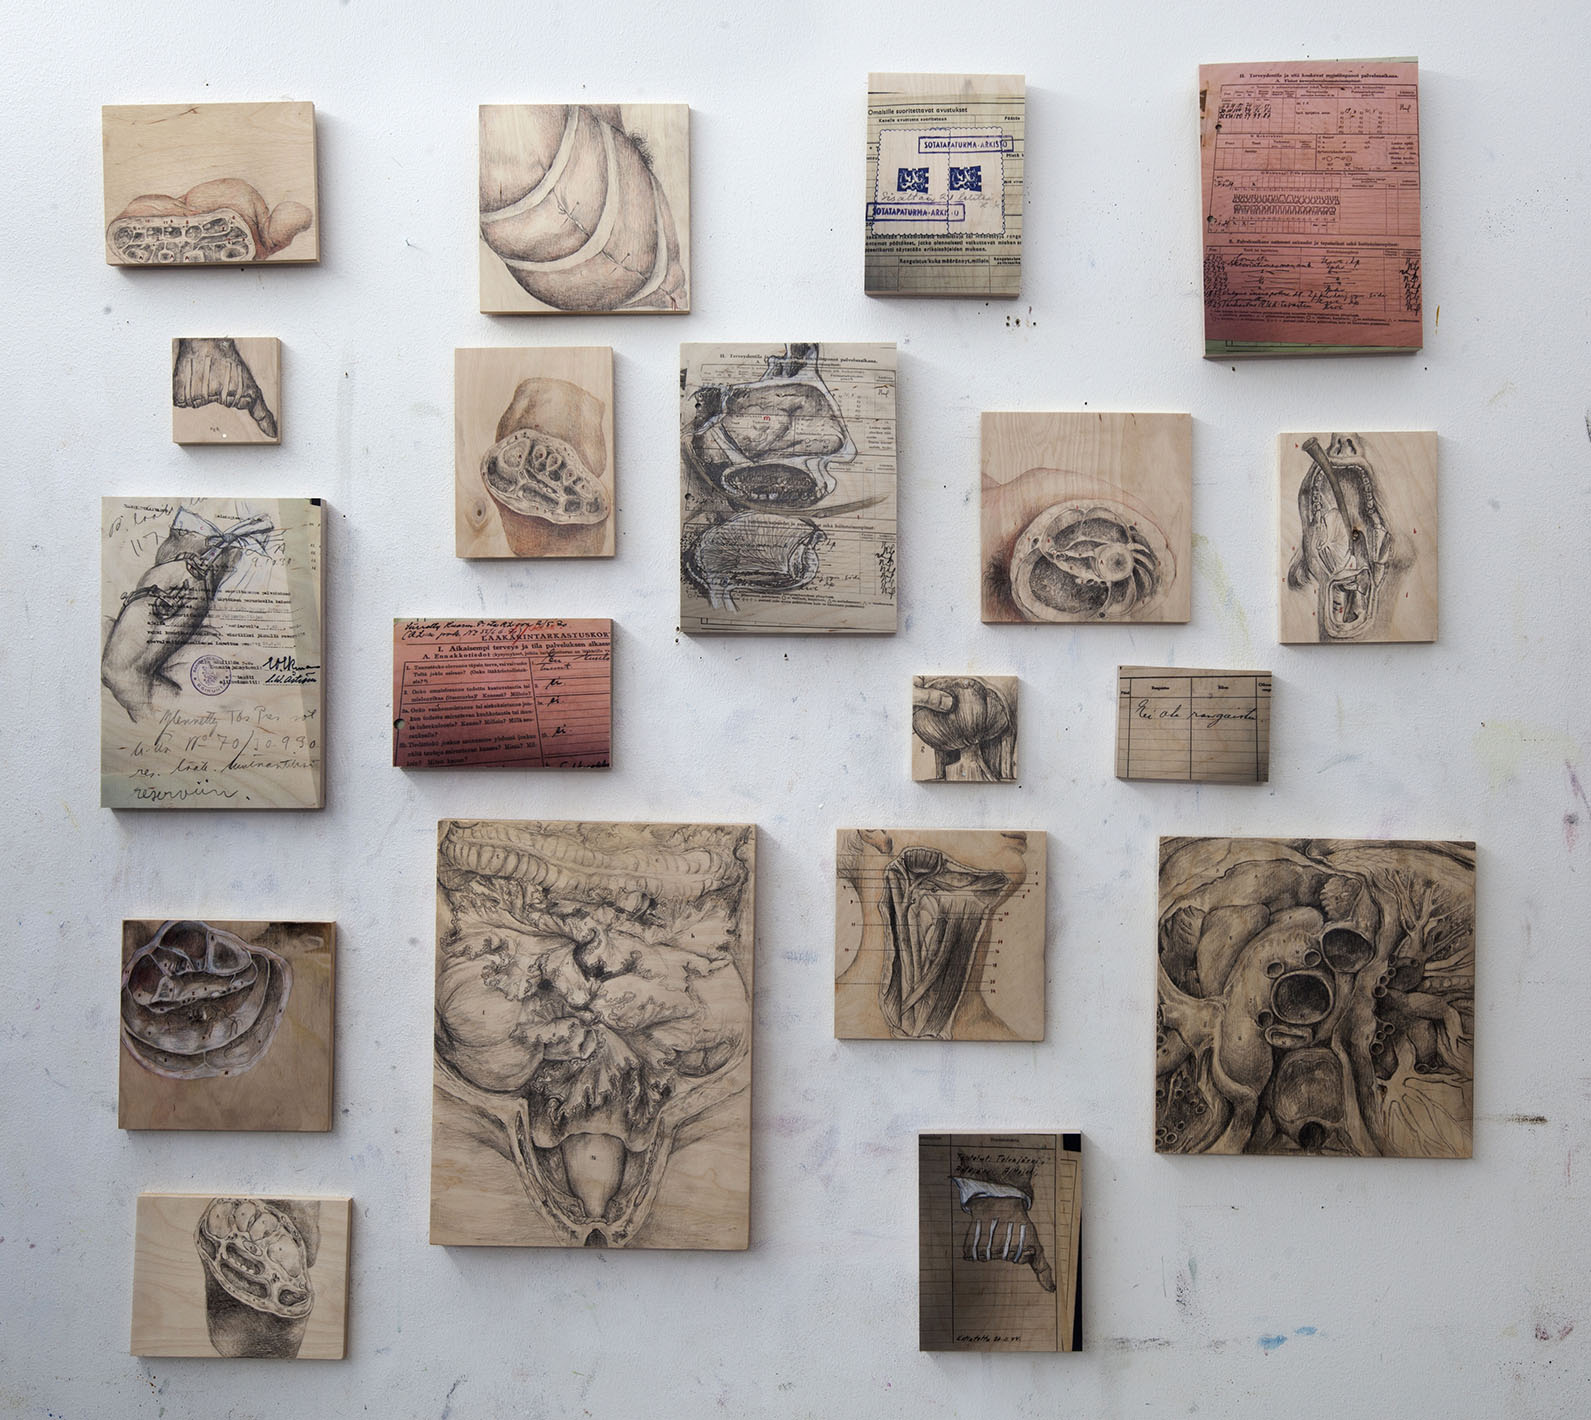 Sarjasta Välskärin (kertomattomat) kertomukset #28, ammatin anatomia  Piirustuksia ja arkistodokumenttien valokuvia puulle Pienin 10 x 10 cm, suurin 40 x 30 cm 2016